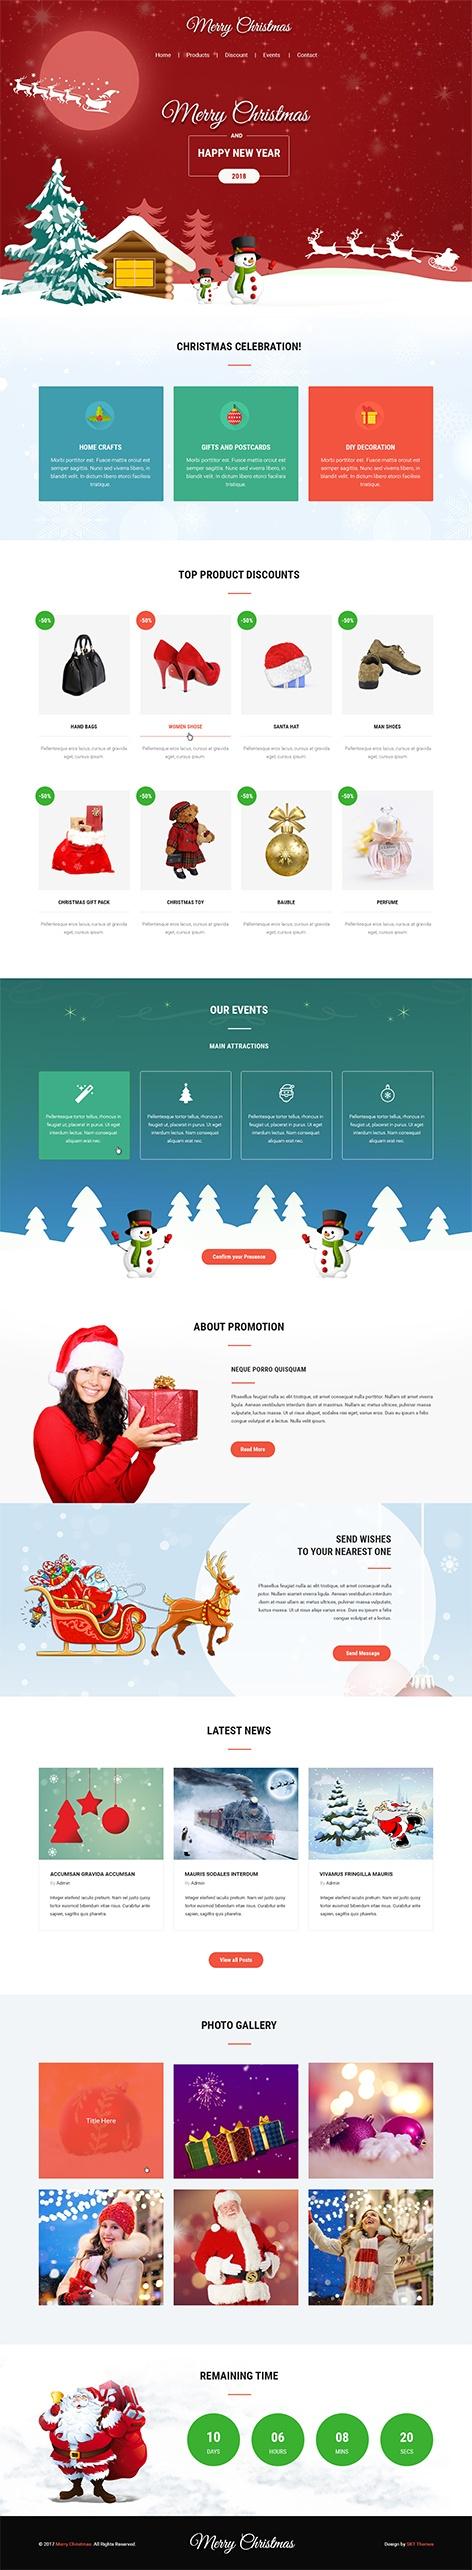 christmas wordpress theme1 - Christmas